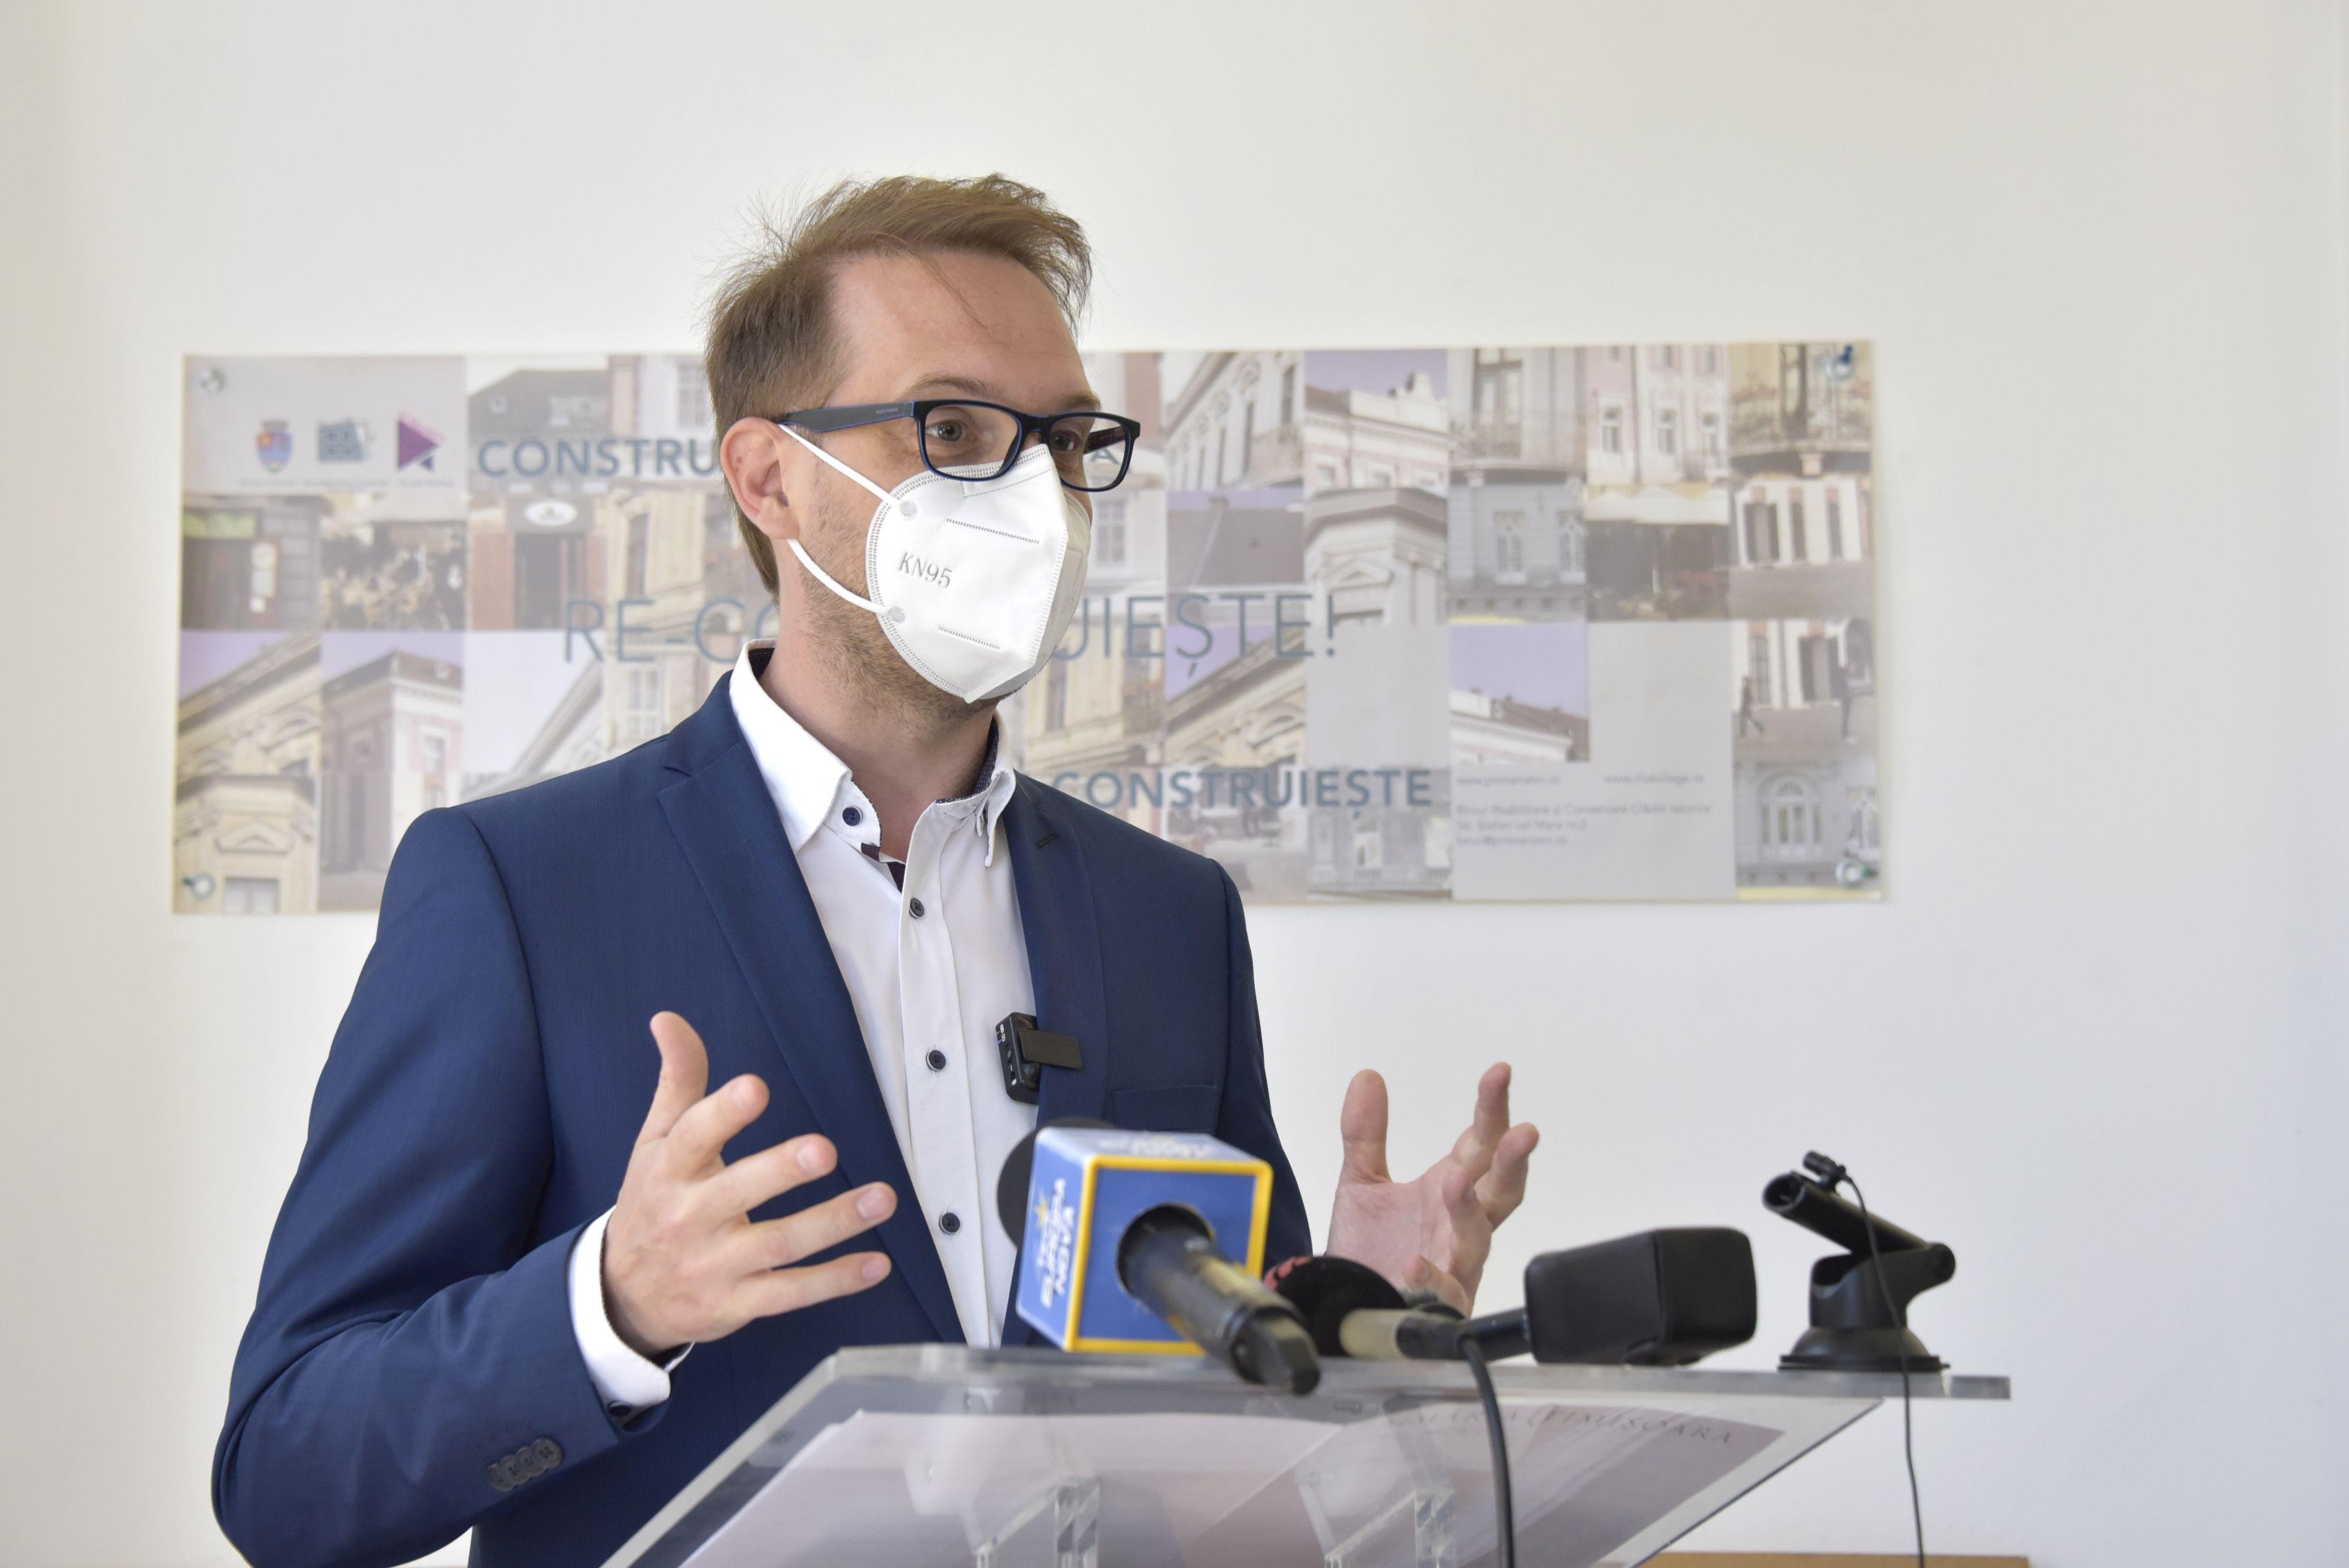 Societatea de termoficare a Timișoarei rămâne fără gaz. Peste 50.000 de consumatori afectaţi. Dominic Fritz: Am cerut şi cărbune din rezerva de stat